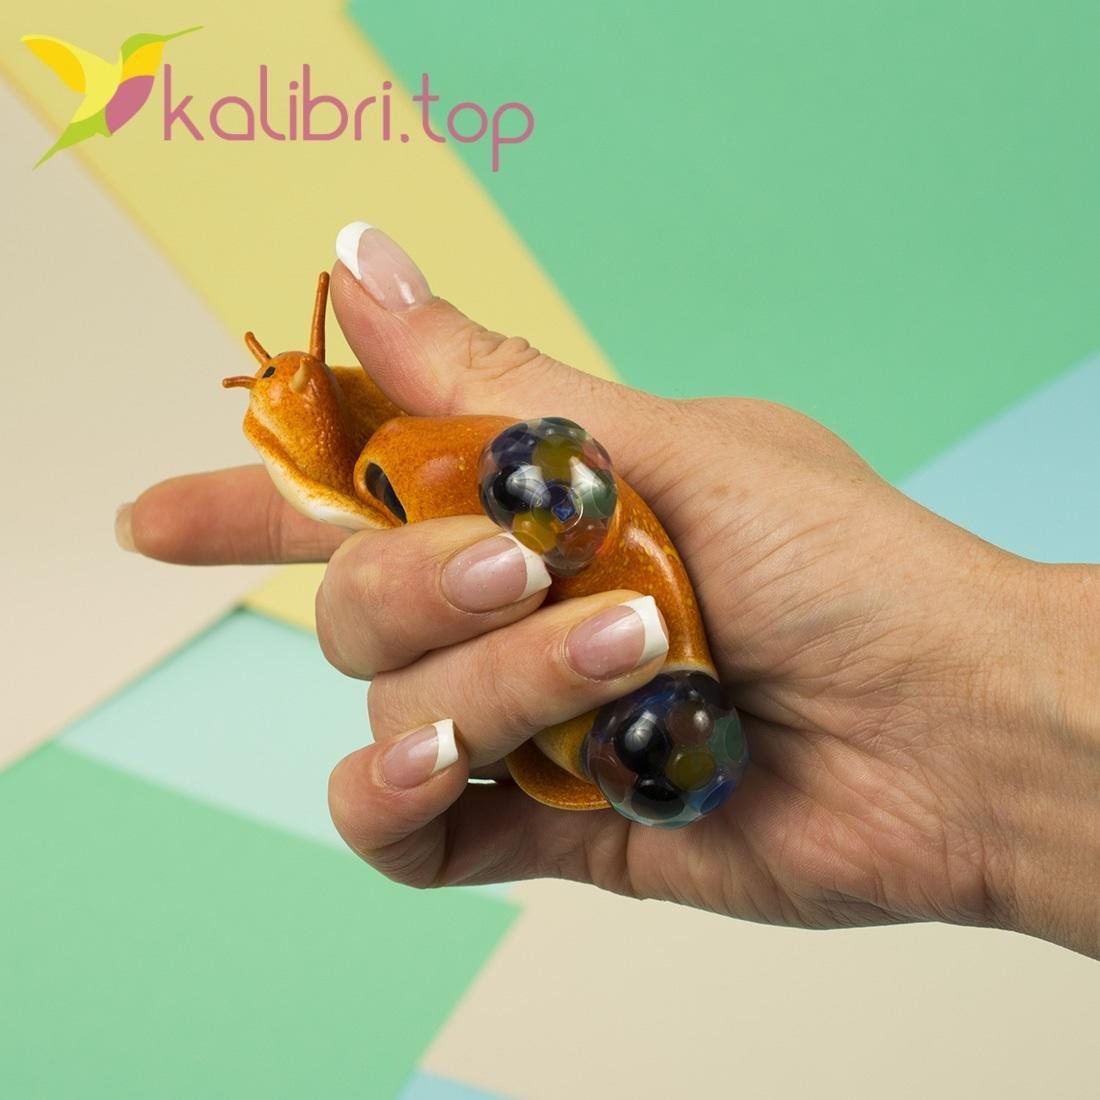 Детская игрушка антистресс Улитка оптом - фото 2